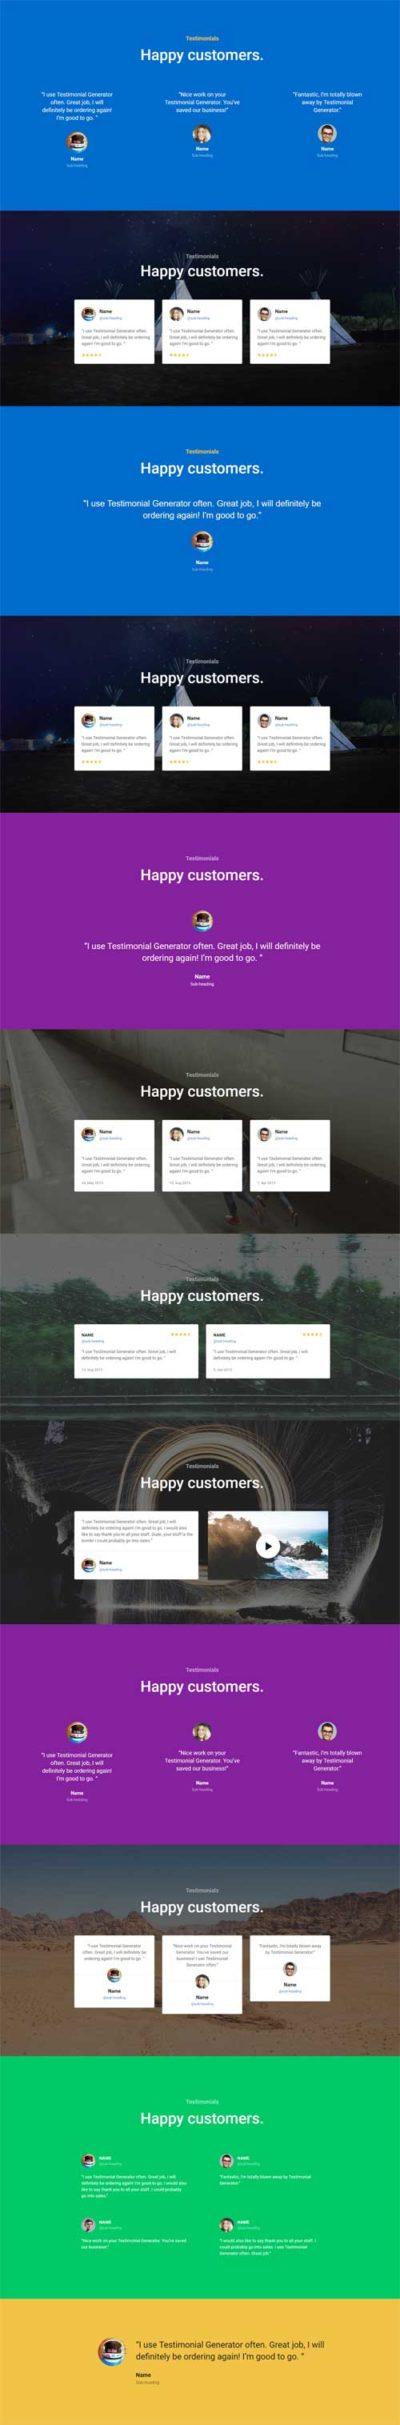 divi testimonial layout pack